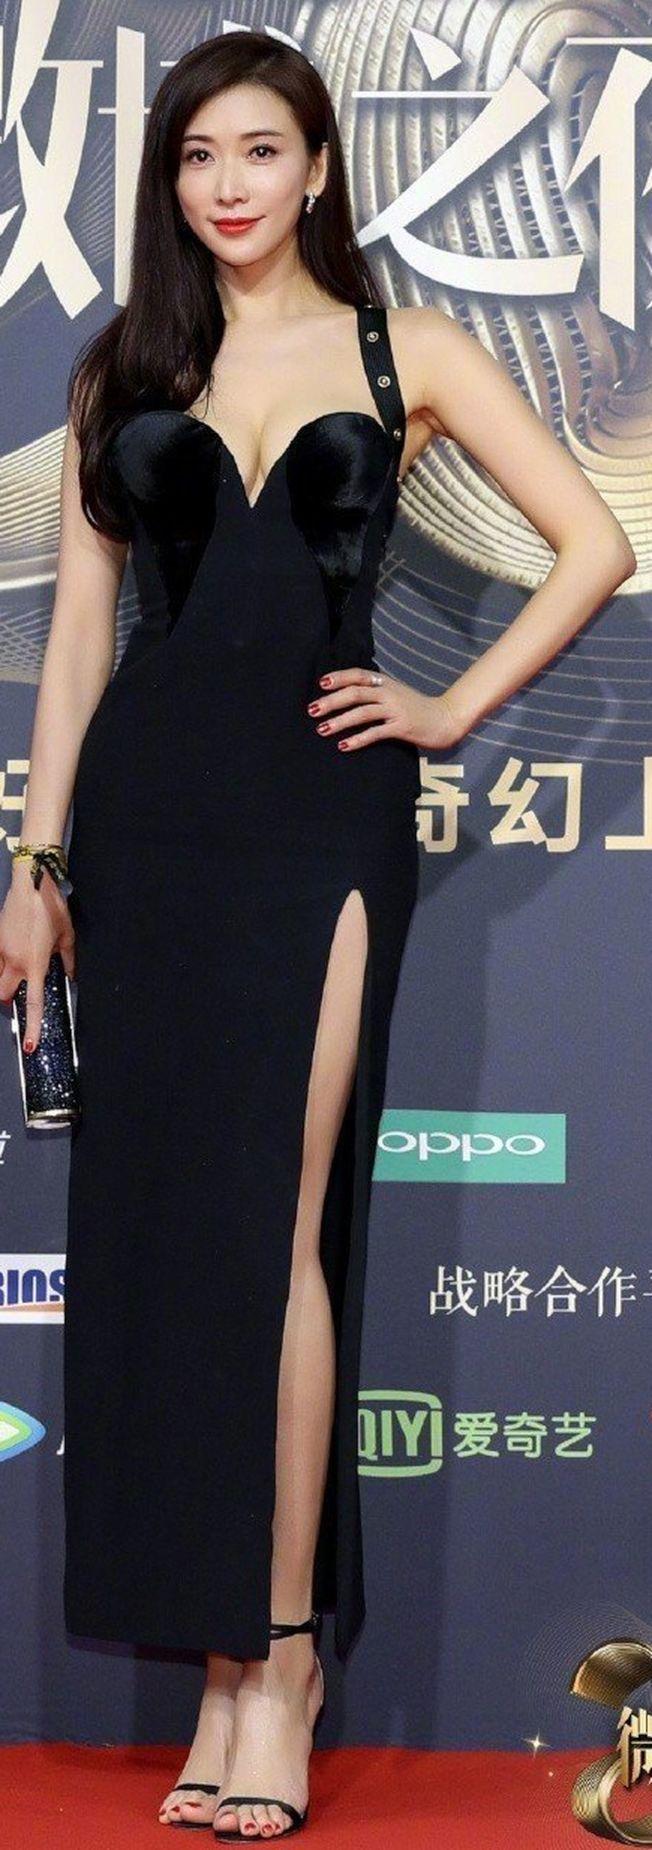 林志玲的高衩爆乳被觀眾說很犯規。(取材自微博)